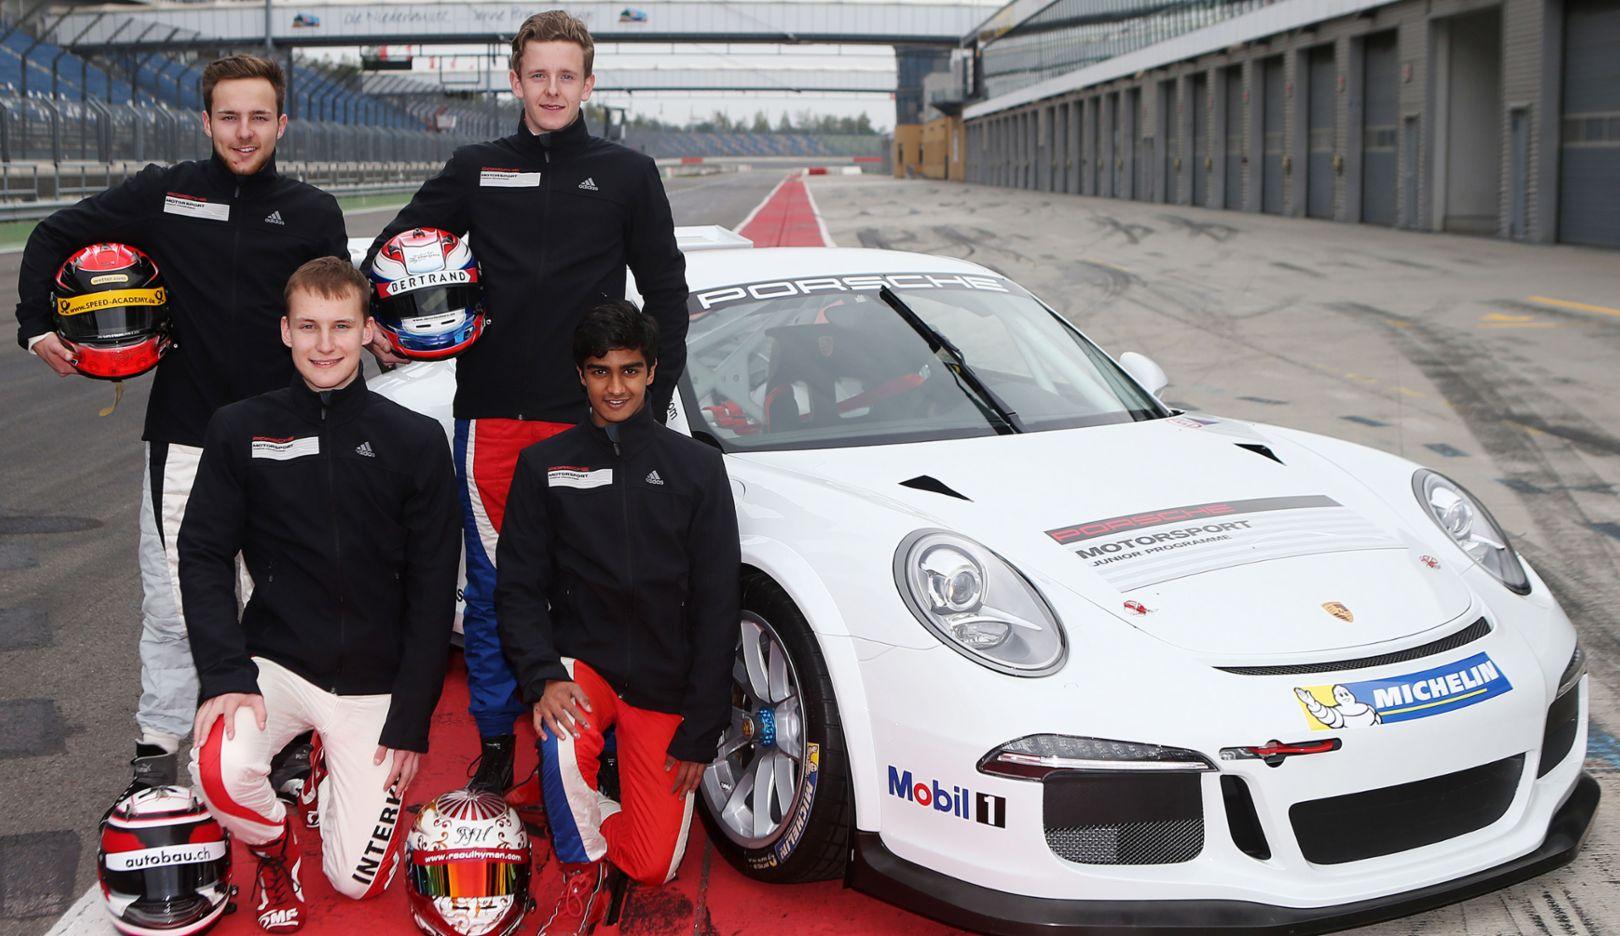 Porsche 911 GT3 Cup, Marvin Dienst, Dennis Olsen (hinten), Kevin Jörg, Raoul Joshua Hyman (vorne), Lausitzring, 2015, Porsche AG